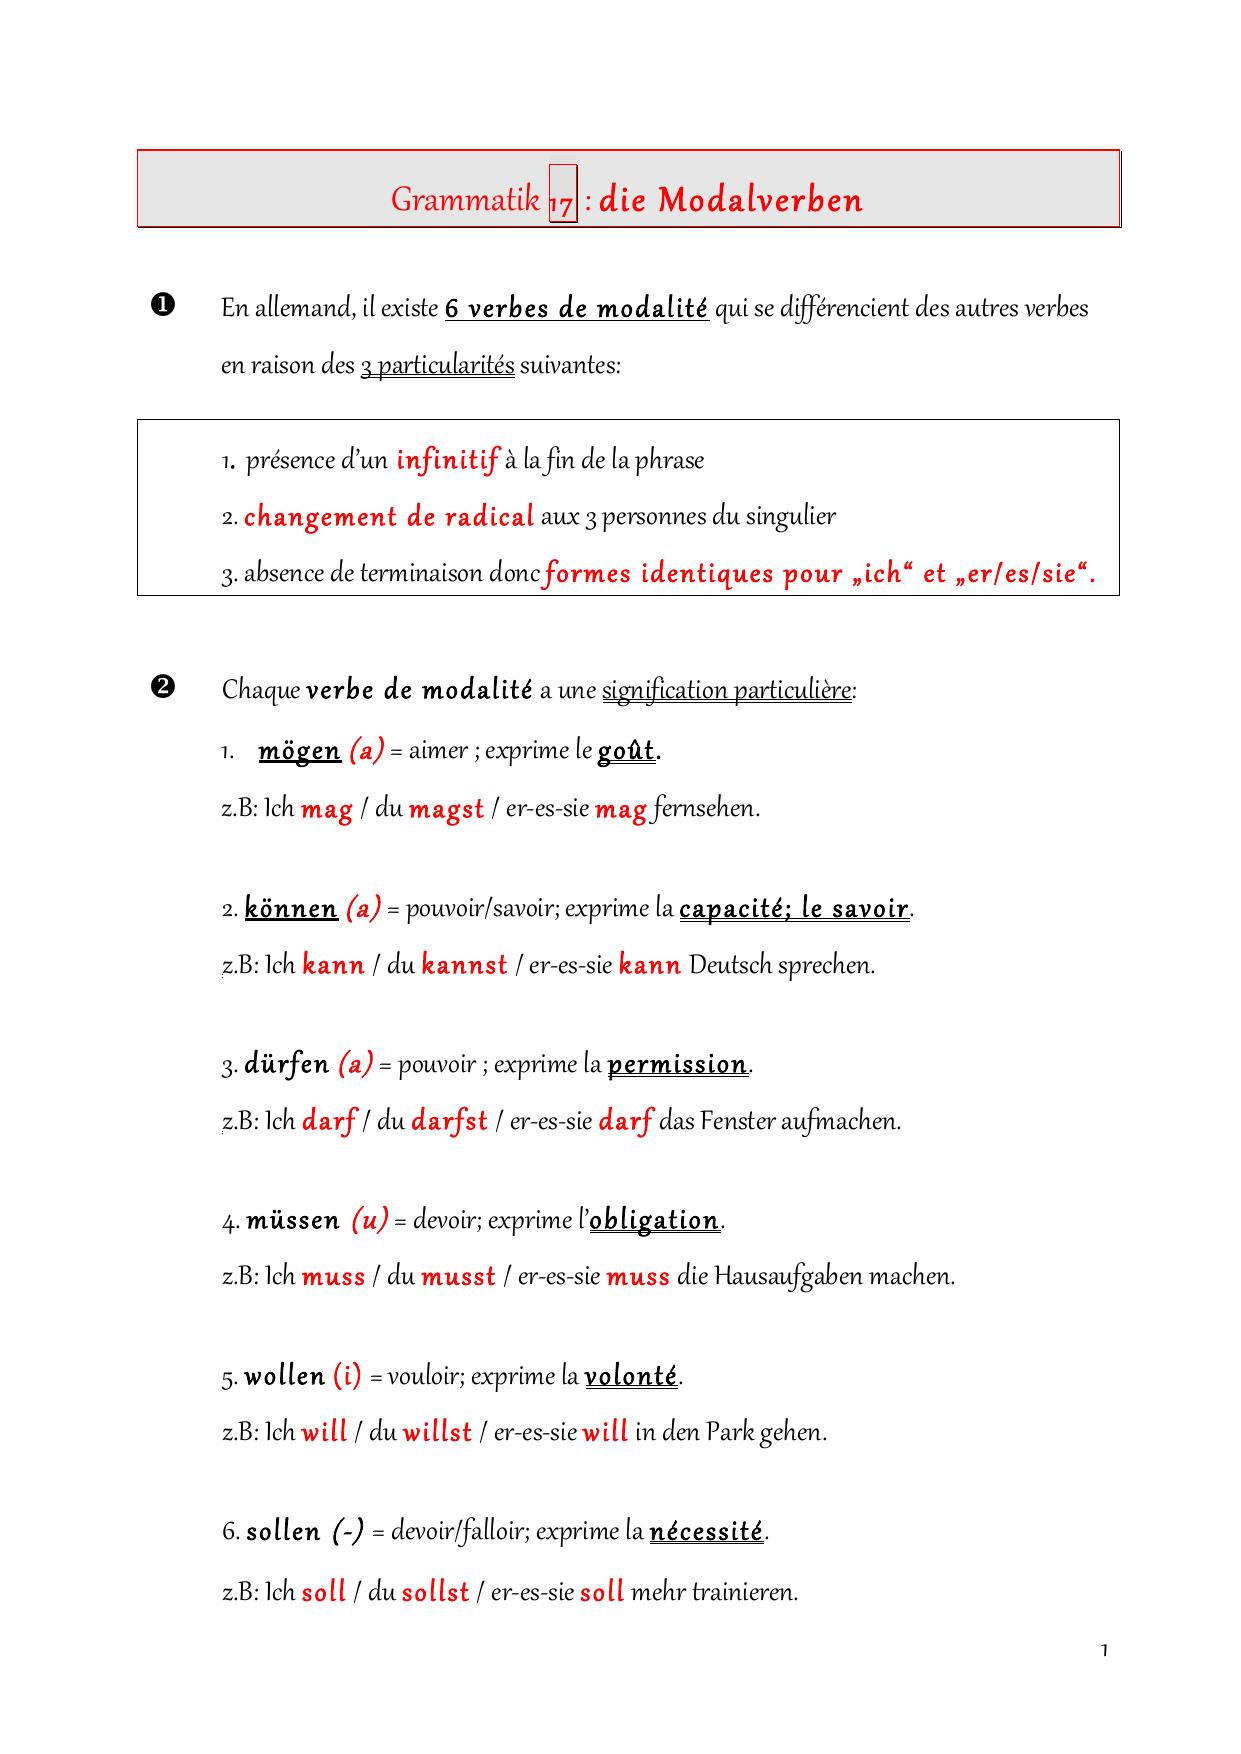 Grammatik 17 Die Modalverben